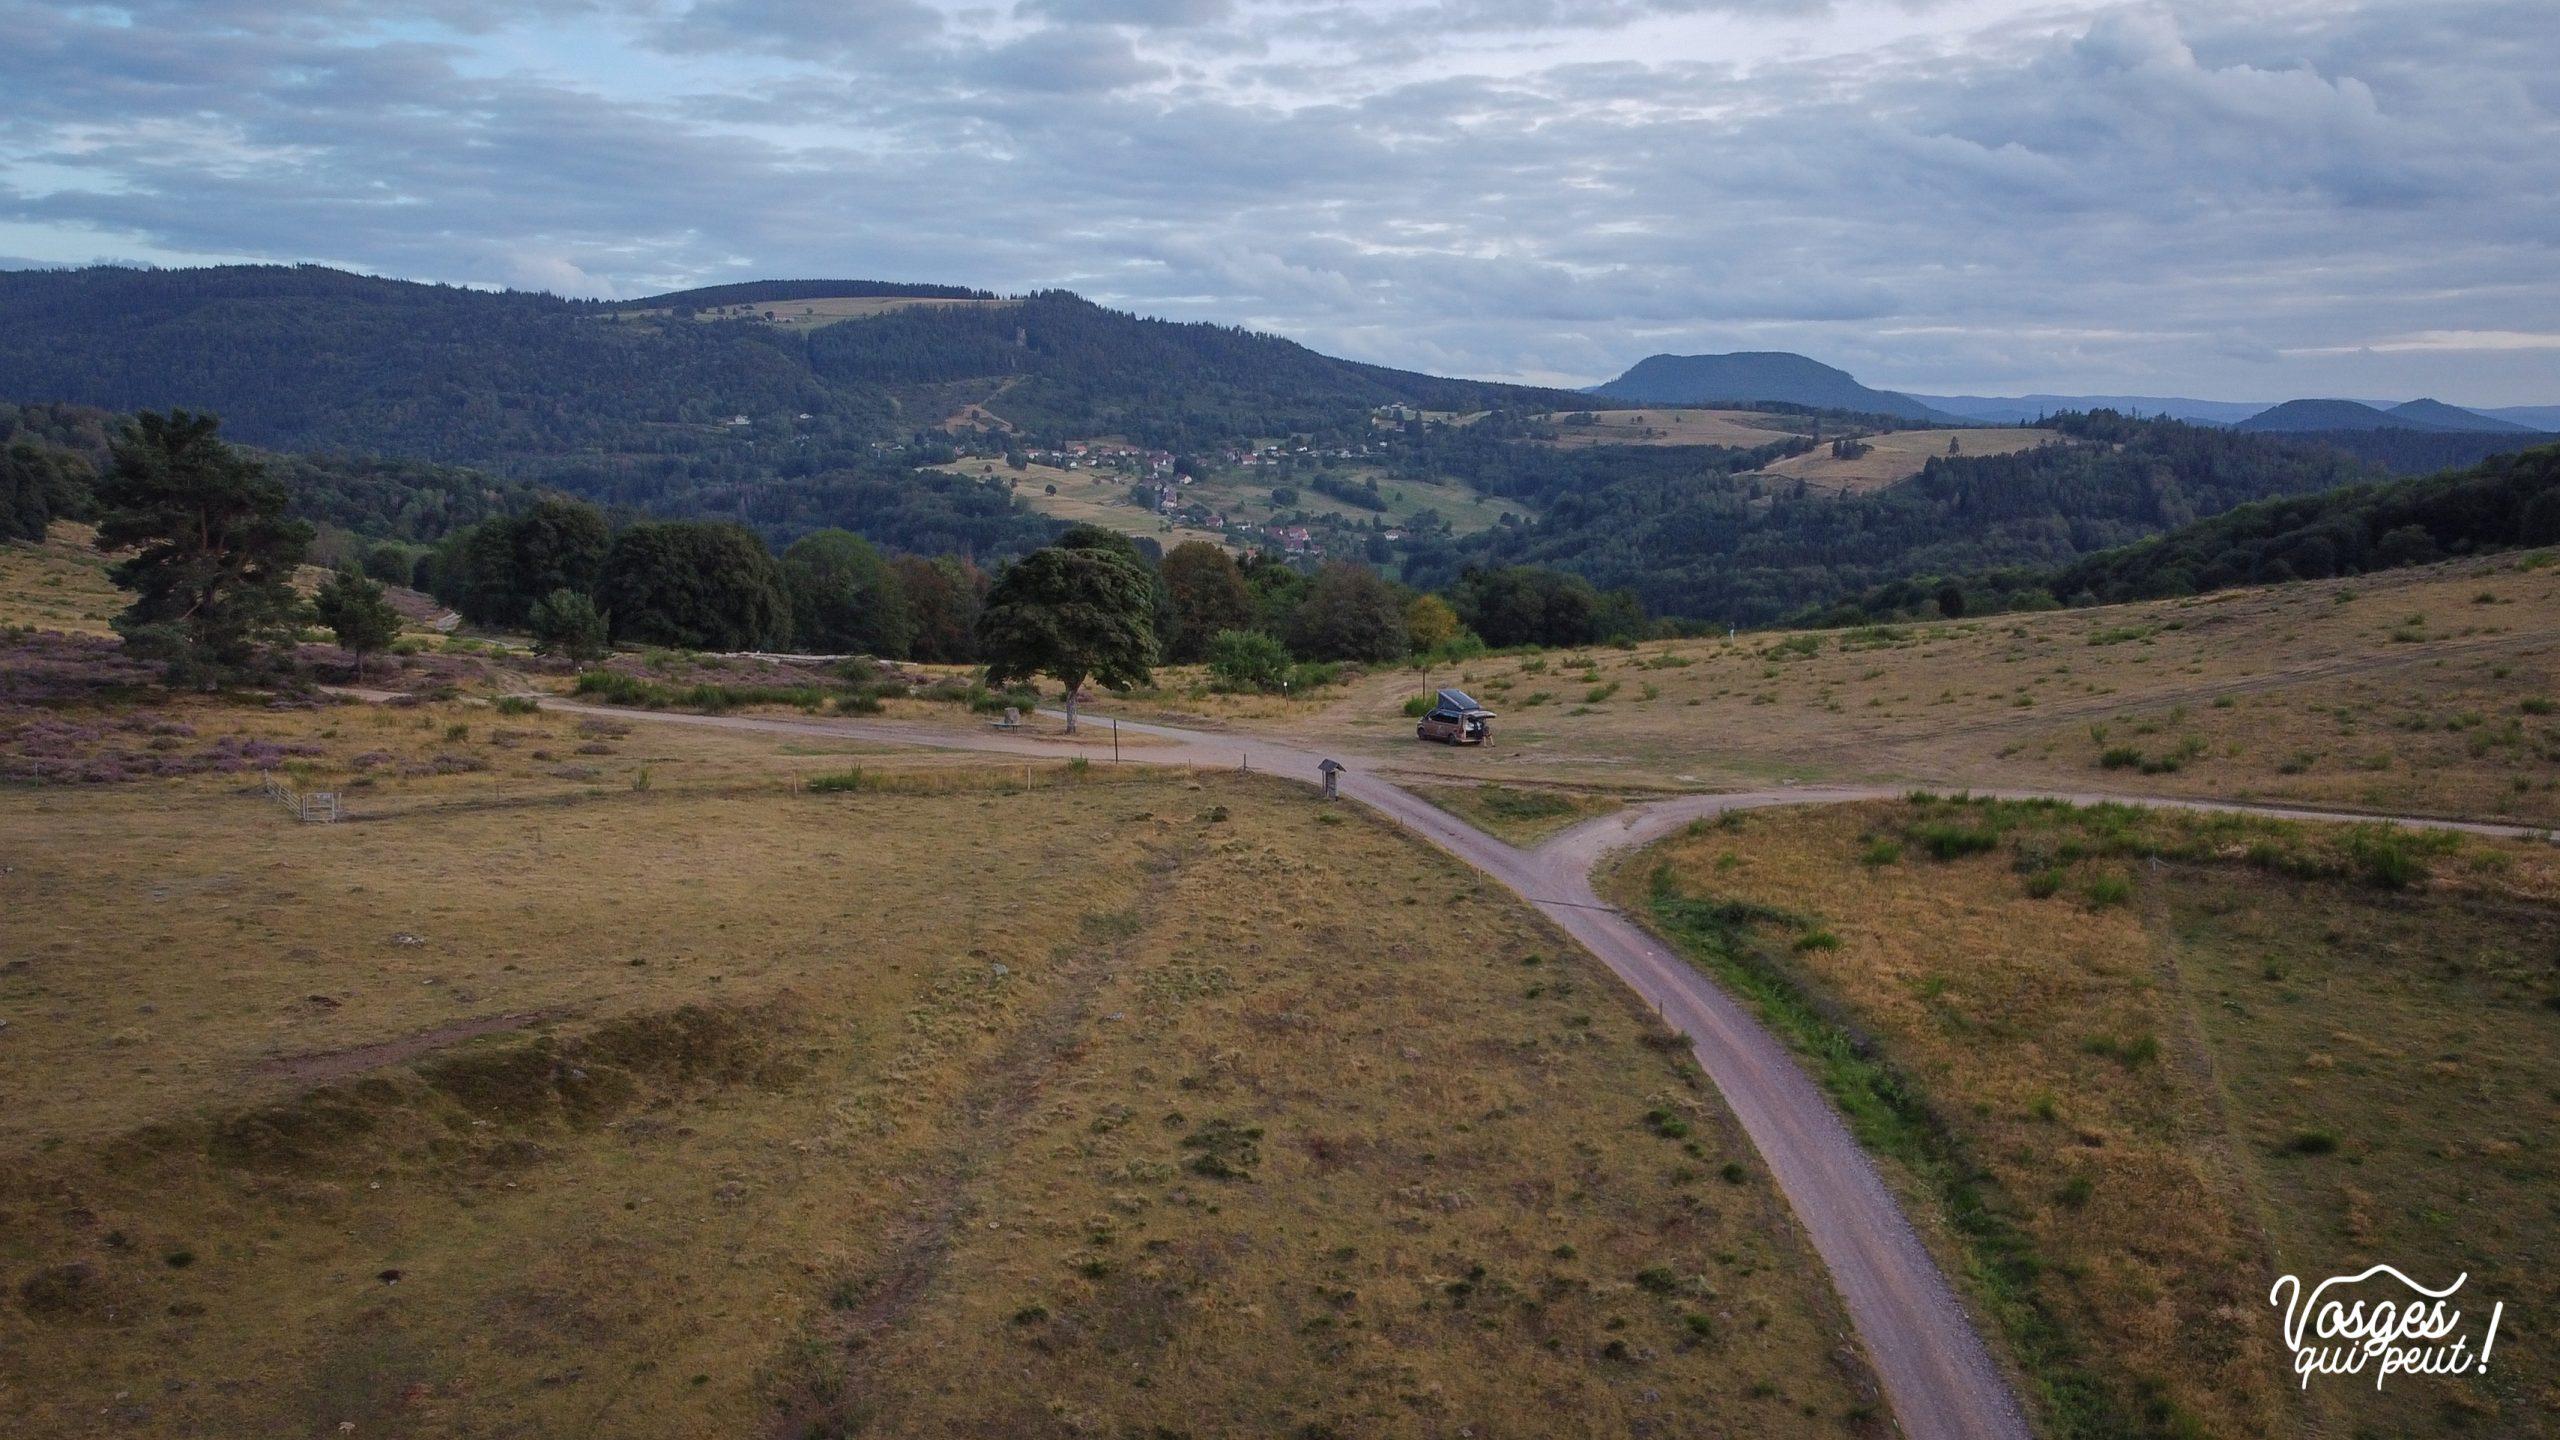 Vue aérienne sur le col de la Perheux dans la vallée de la Bruche